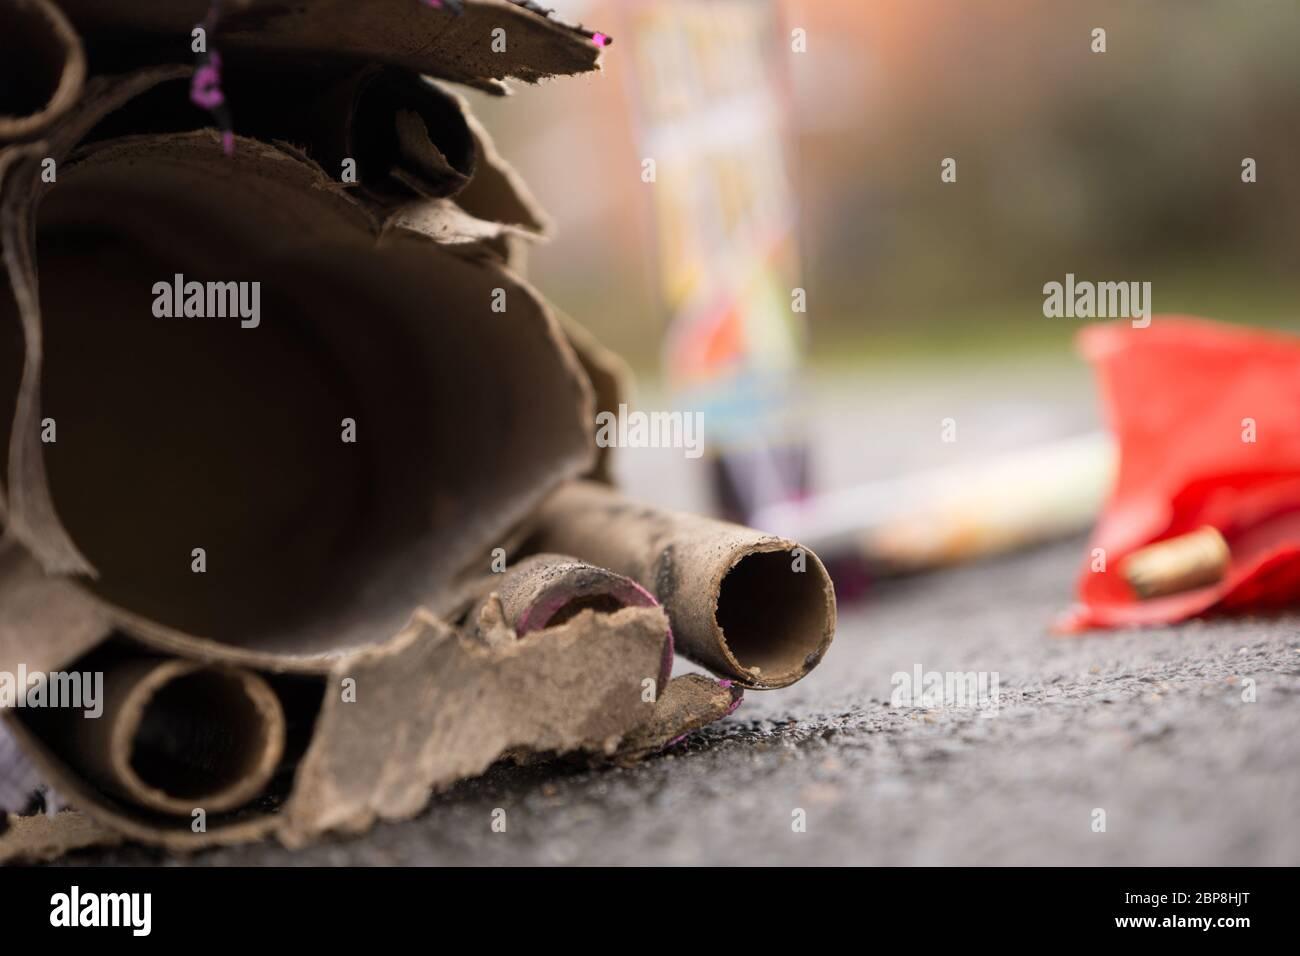 Abfall von abgefeuertem Feuerwerk Stock Photo